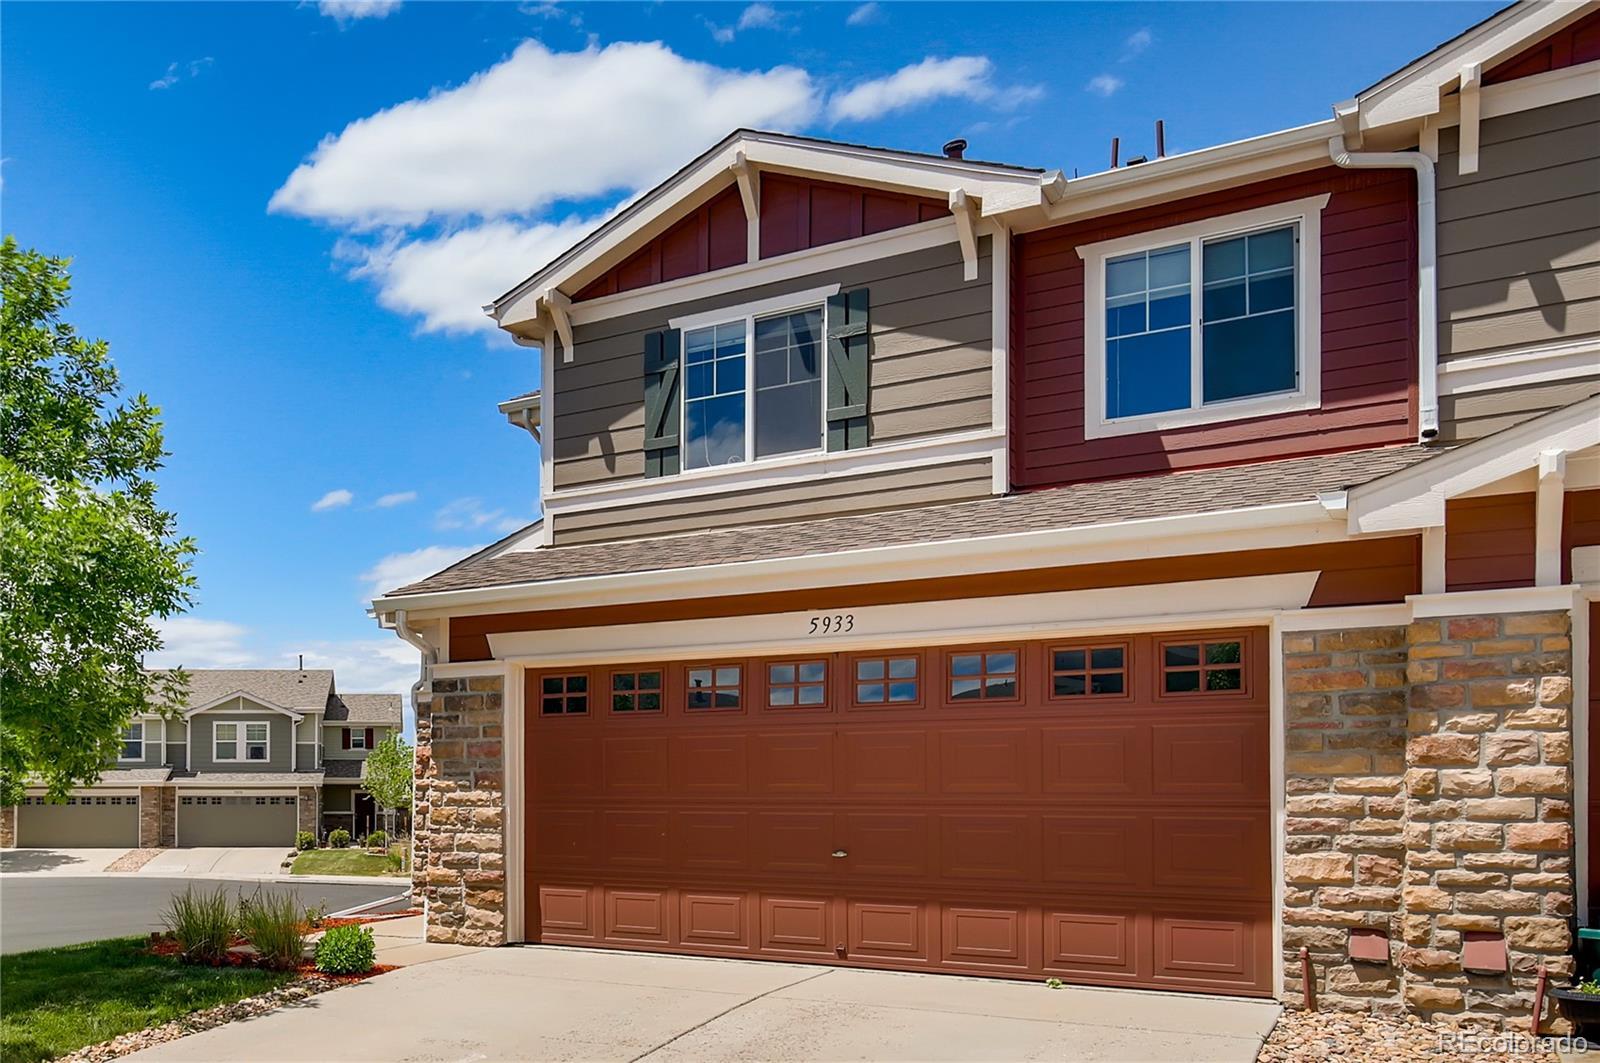 MLS# 6875065 - 1 - 5933 Turnstone Place, Castle Rock, CO 80104